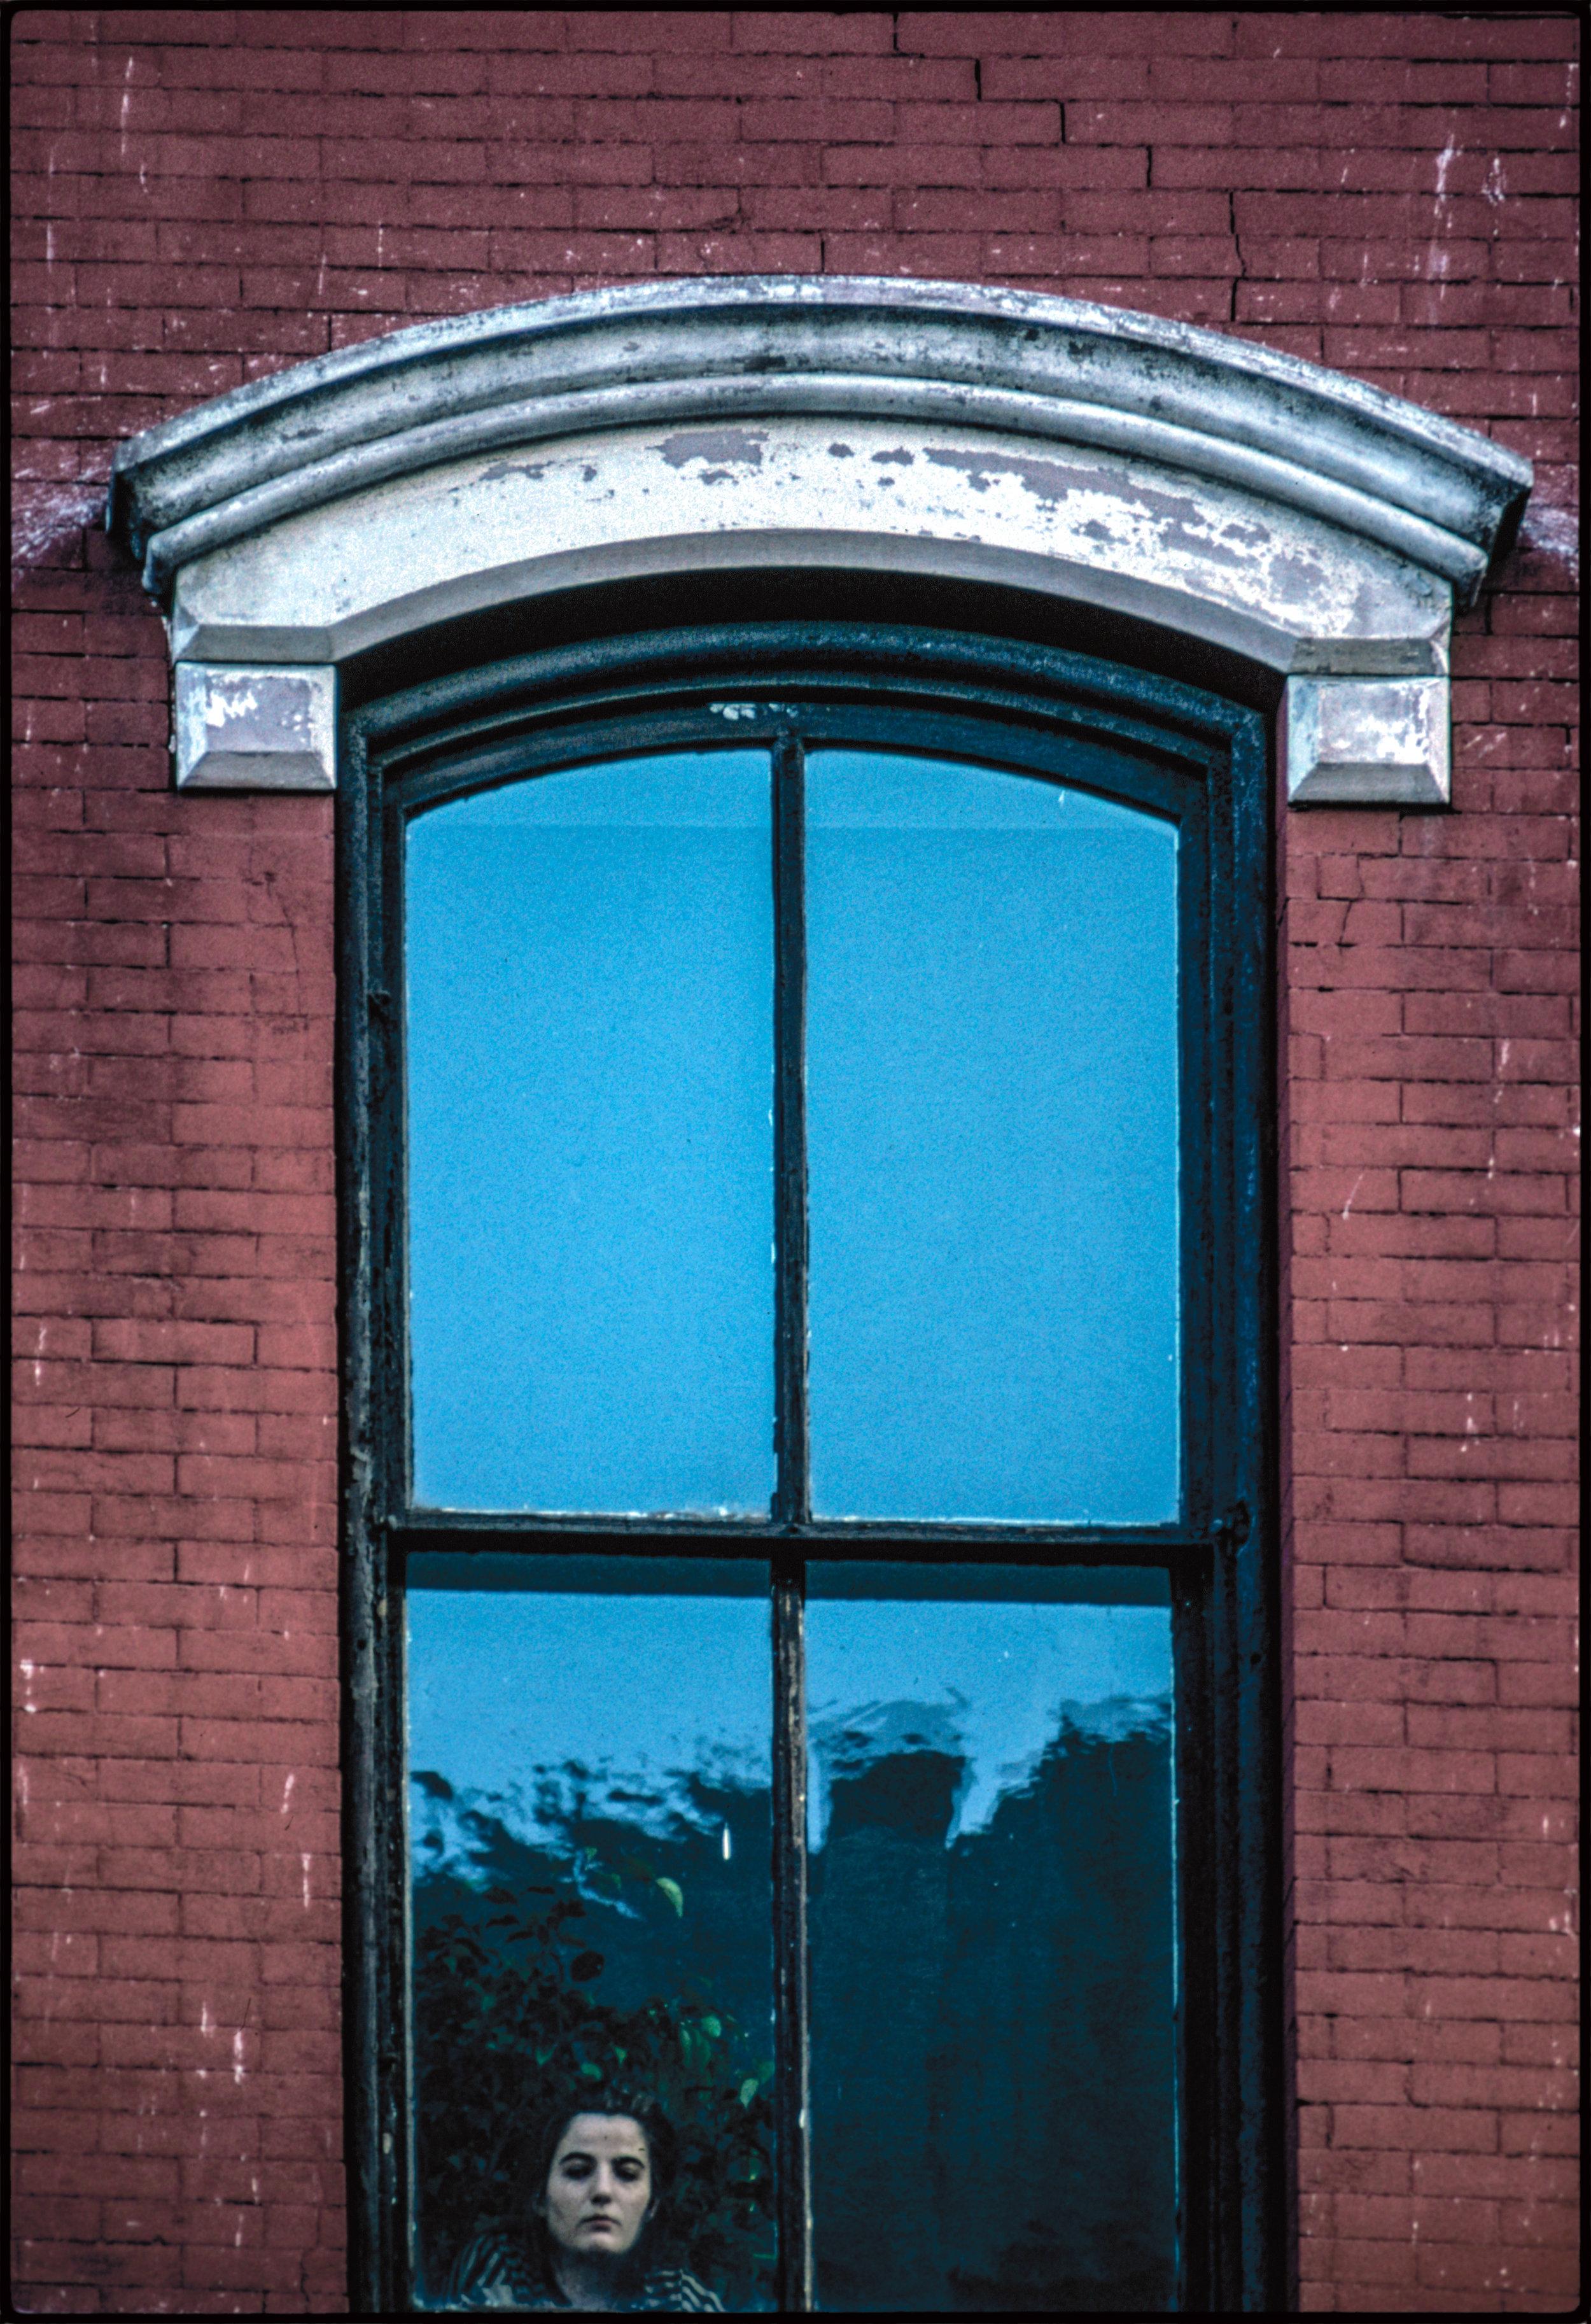 face-in-window-copy-2.jpg